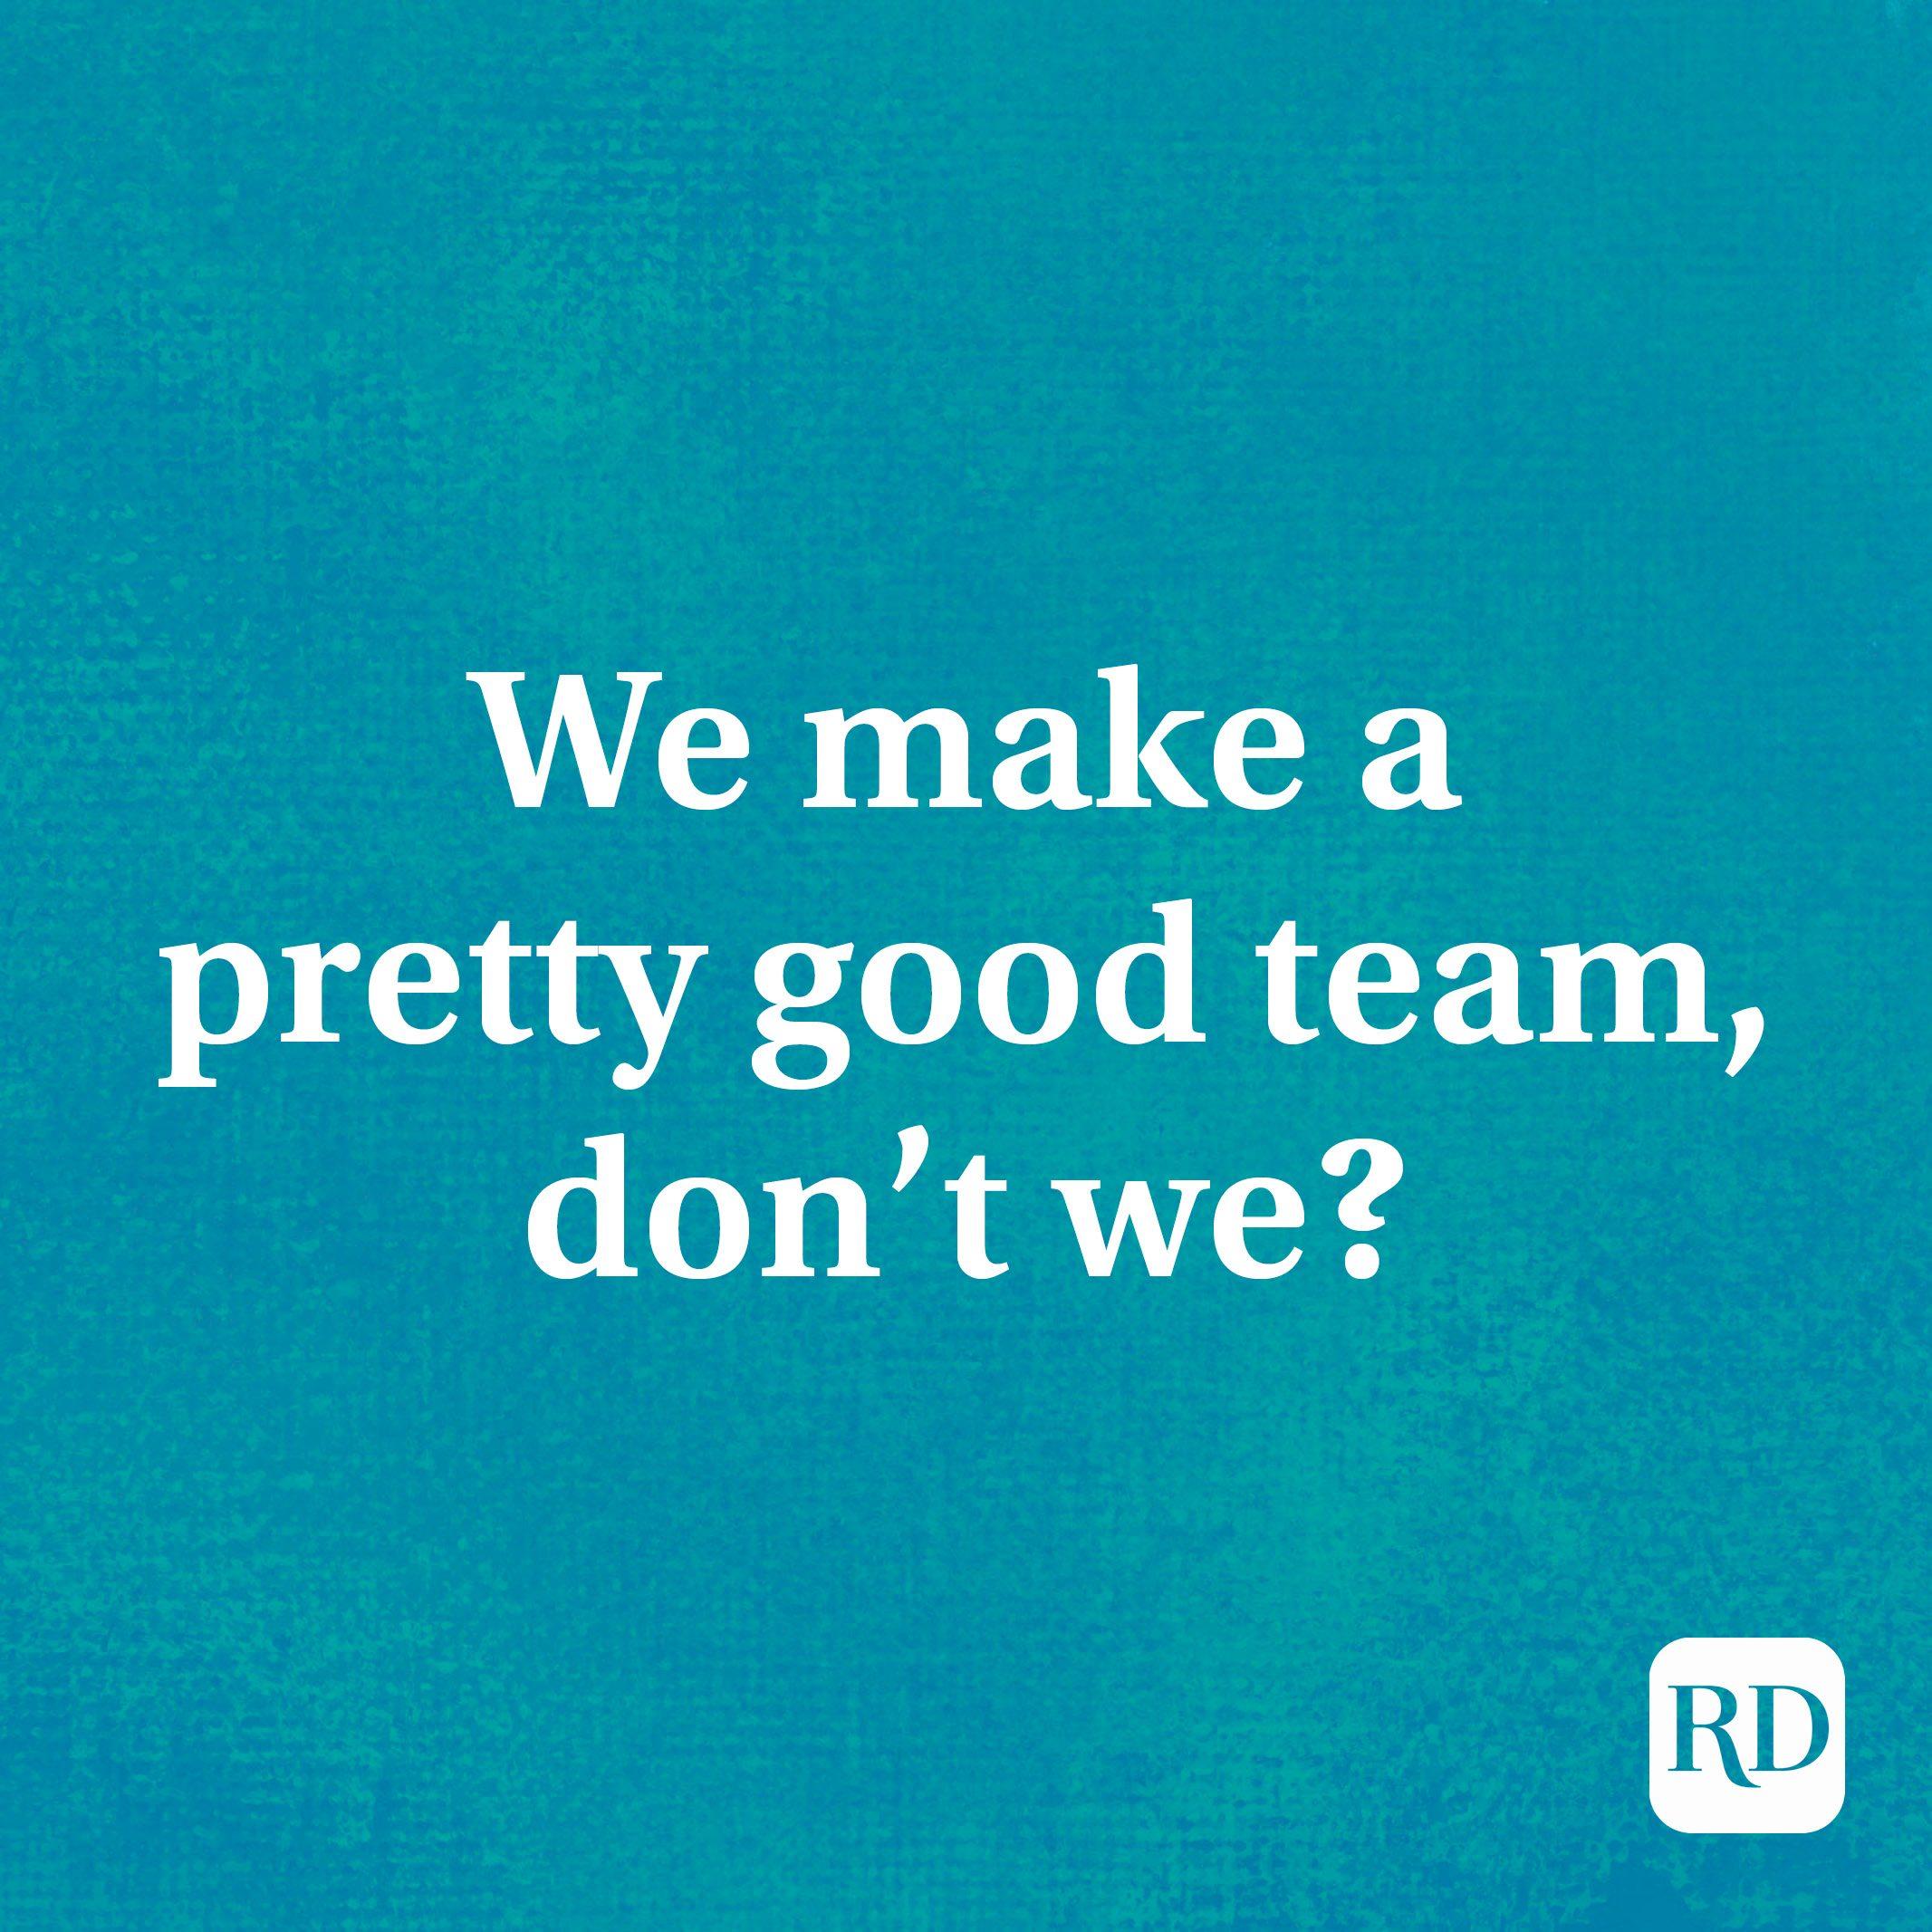 We make a pretty good team, don't we?